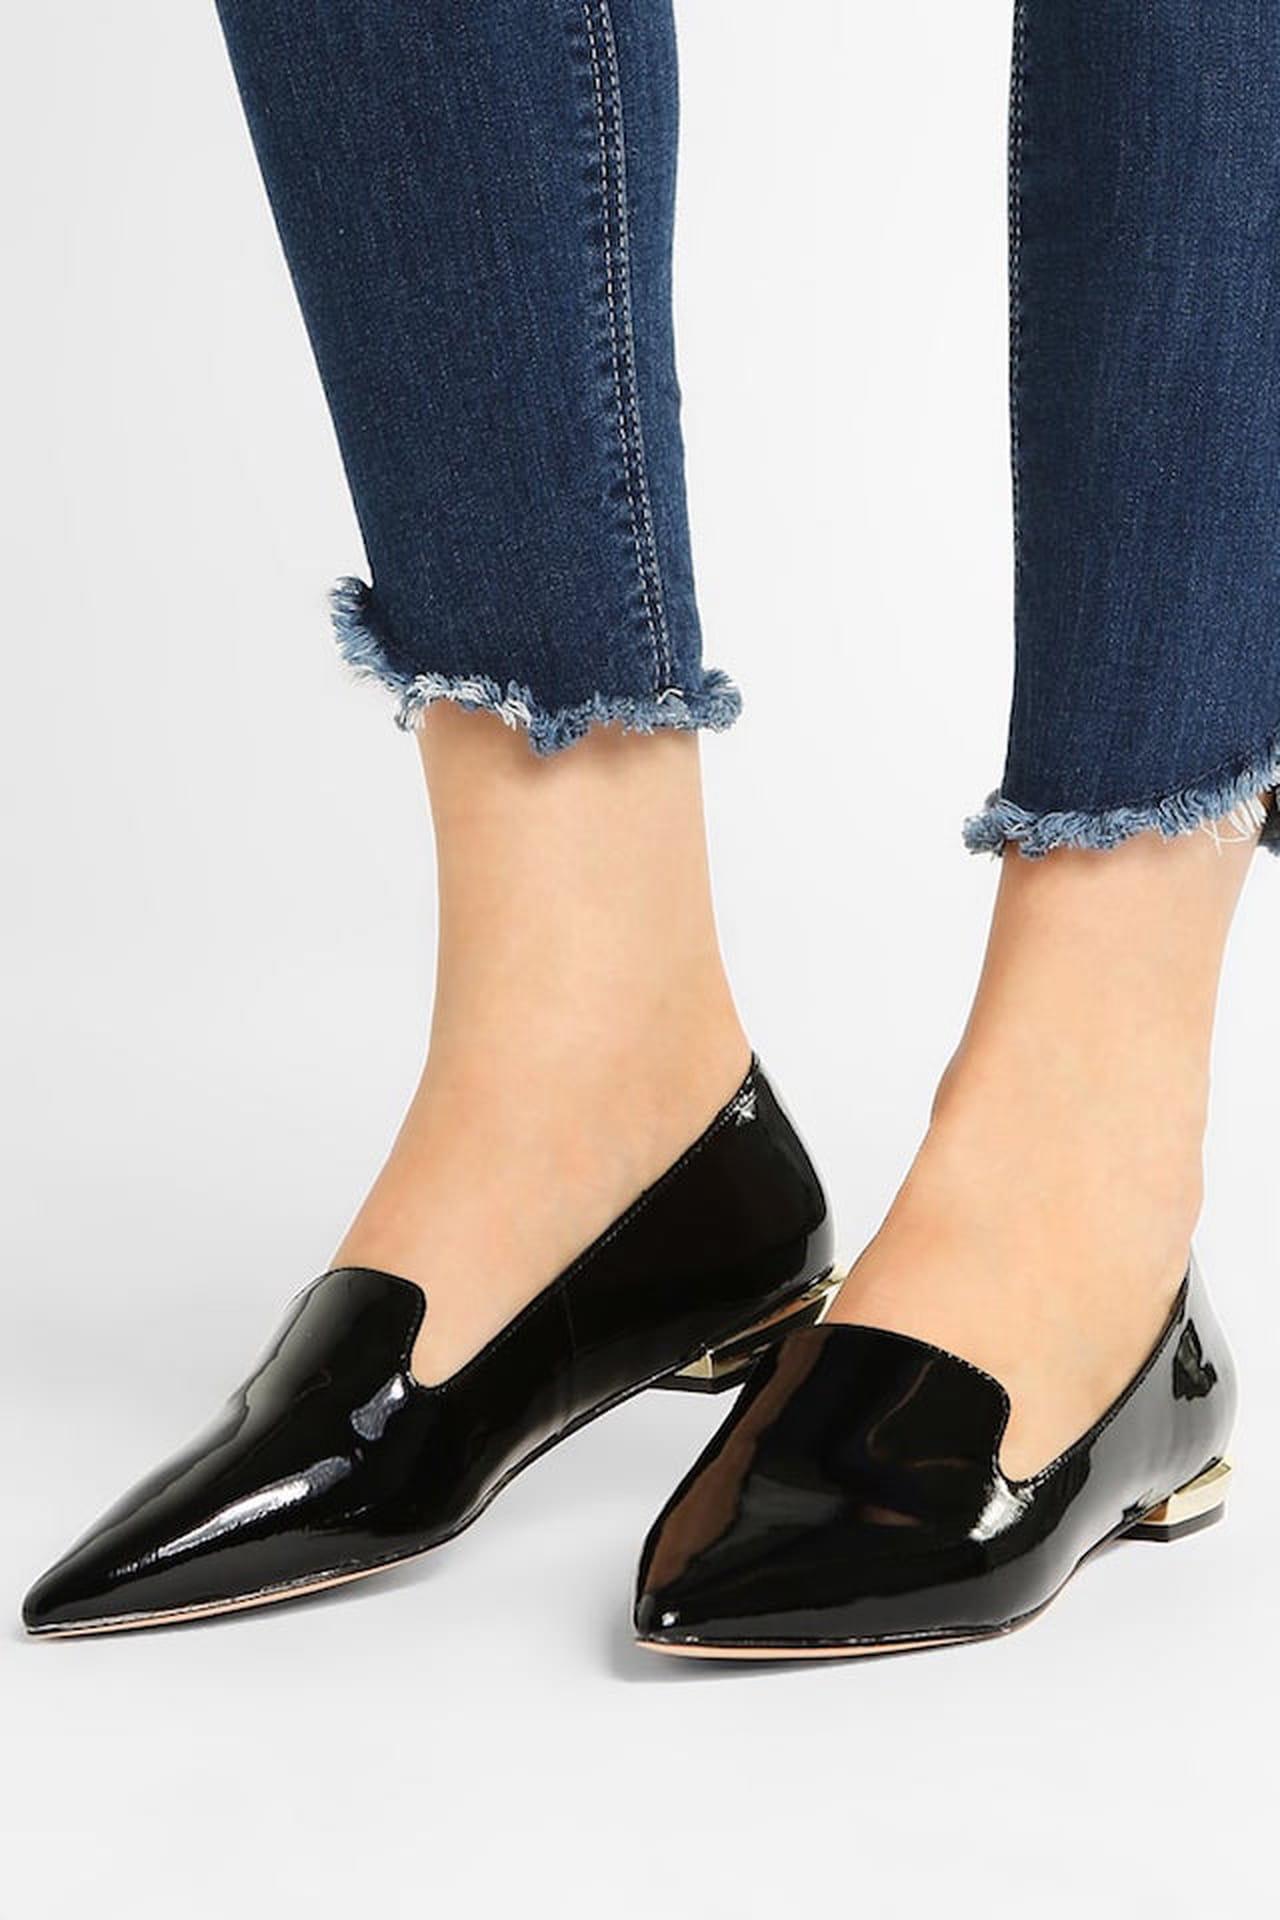 scarpe autunno inverno 2018 consigli alla moda